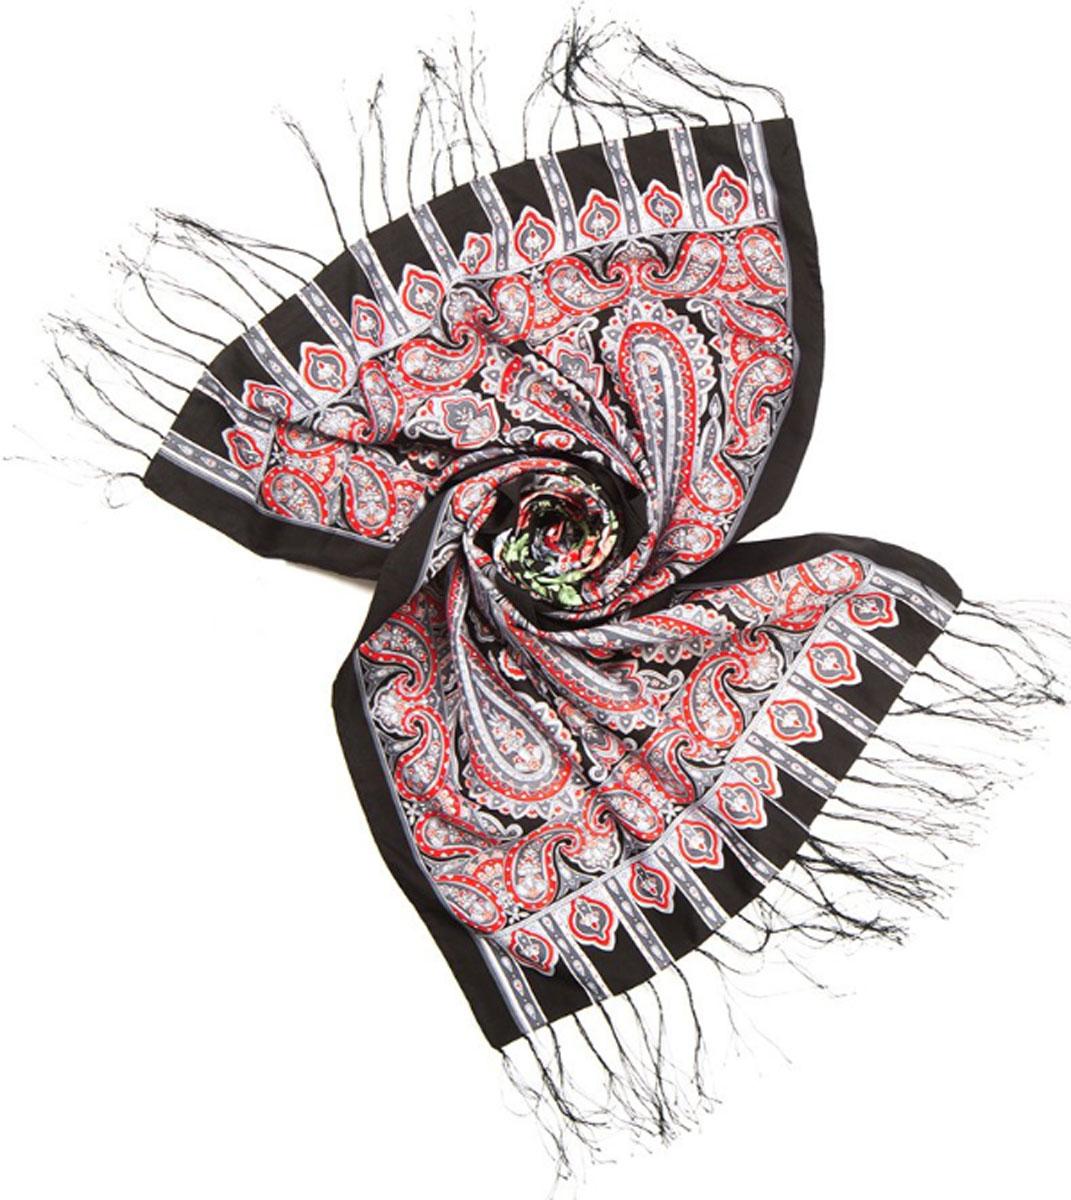 Шарф женский Charmante, цвет: черный. SCVIST351. Размер 160 см х 65 смSCVIST351Необычайно мягкий и приятный на ощупь шарф из высококачественного материала, украшенный цветочным принтом, восточным узором пейсли и орнаментом. Края подшиты и по ширине декорированы шелковыми кисточками.